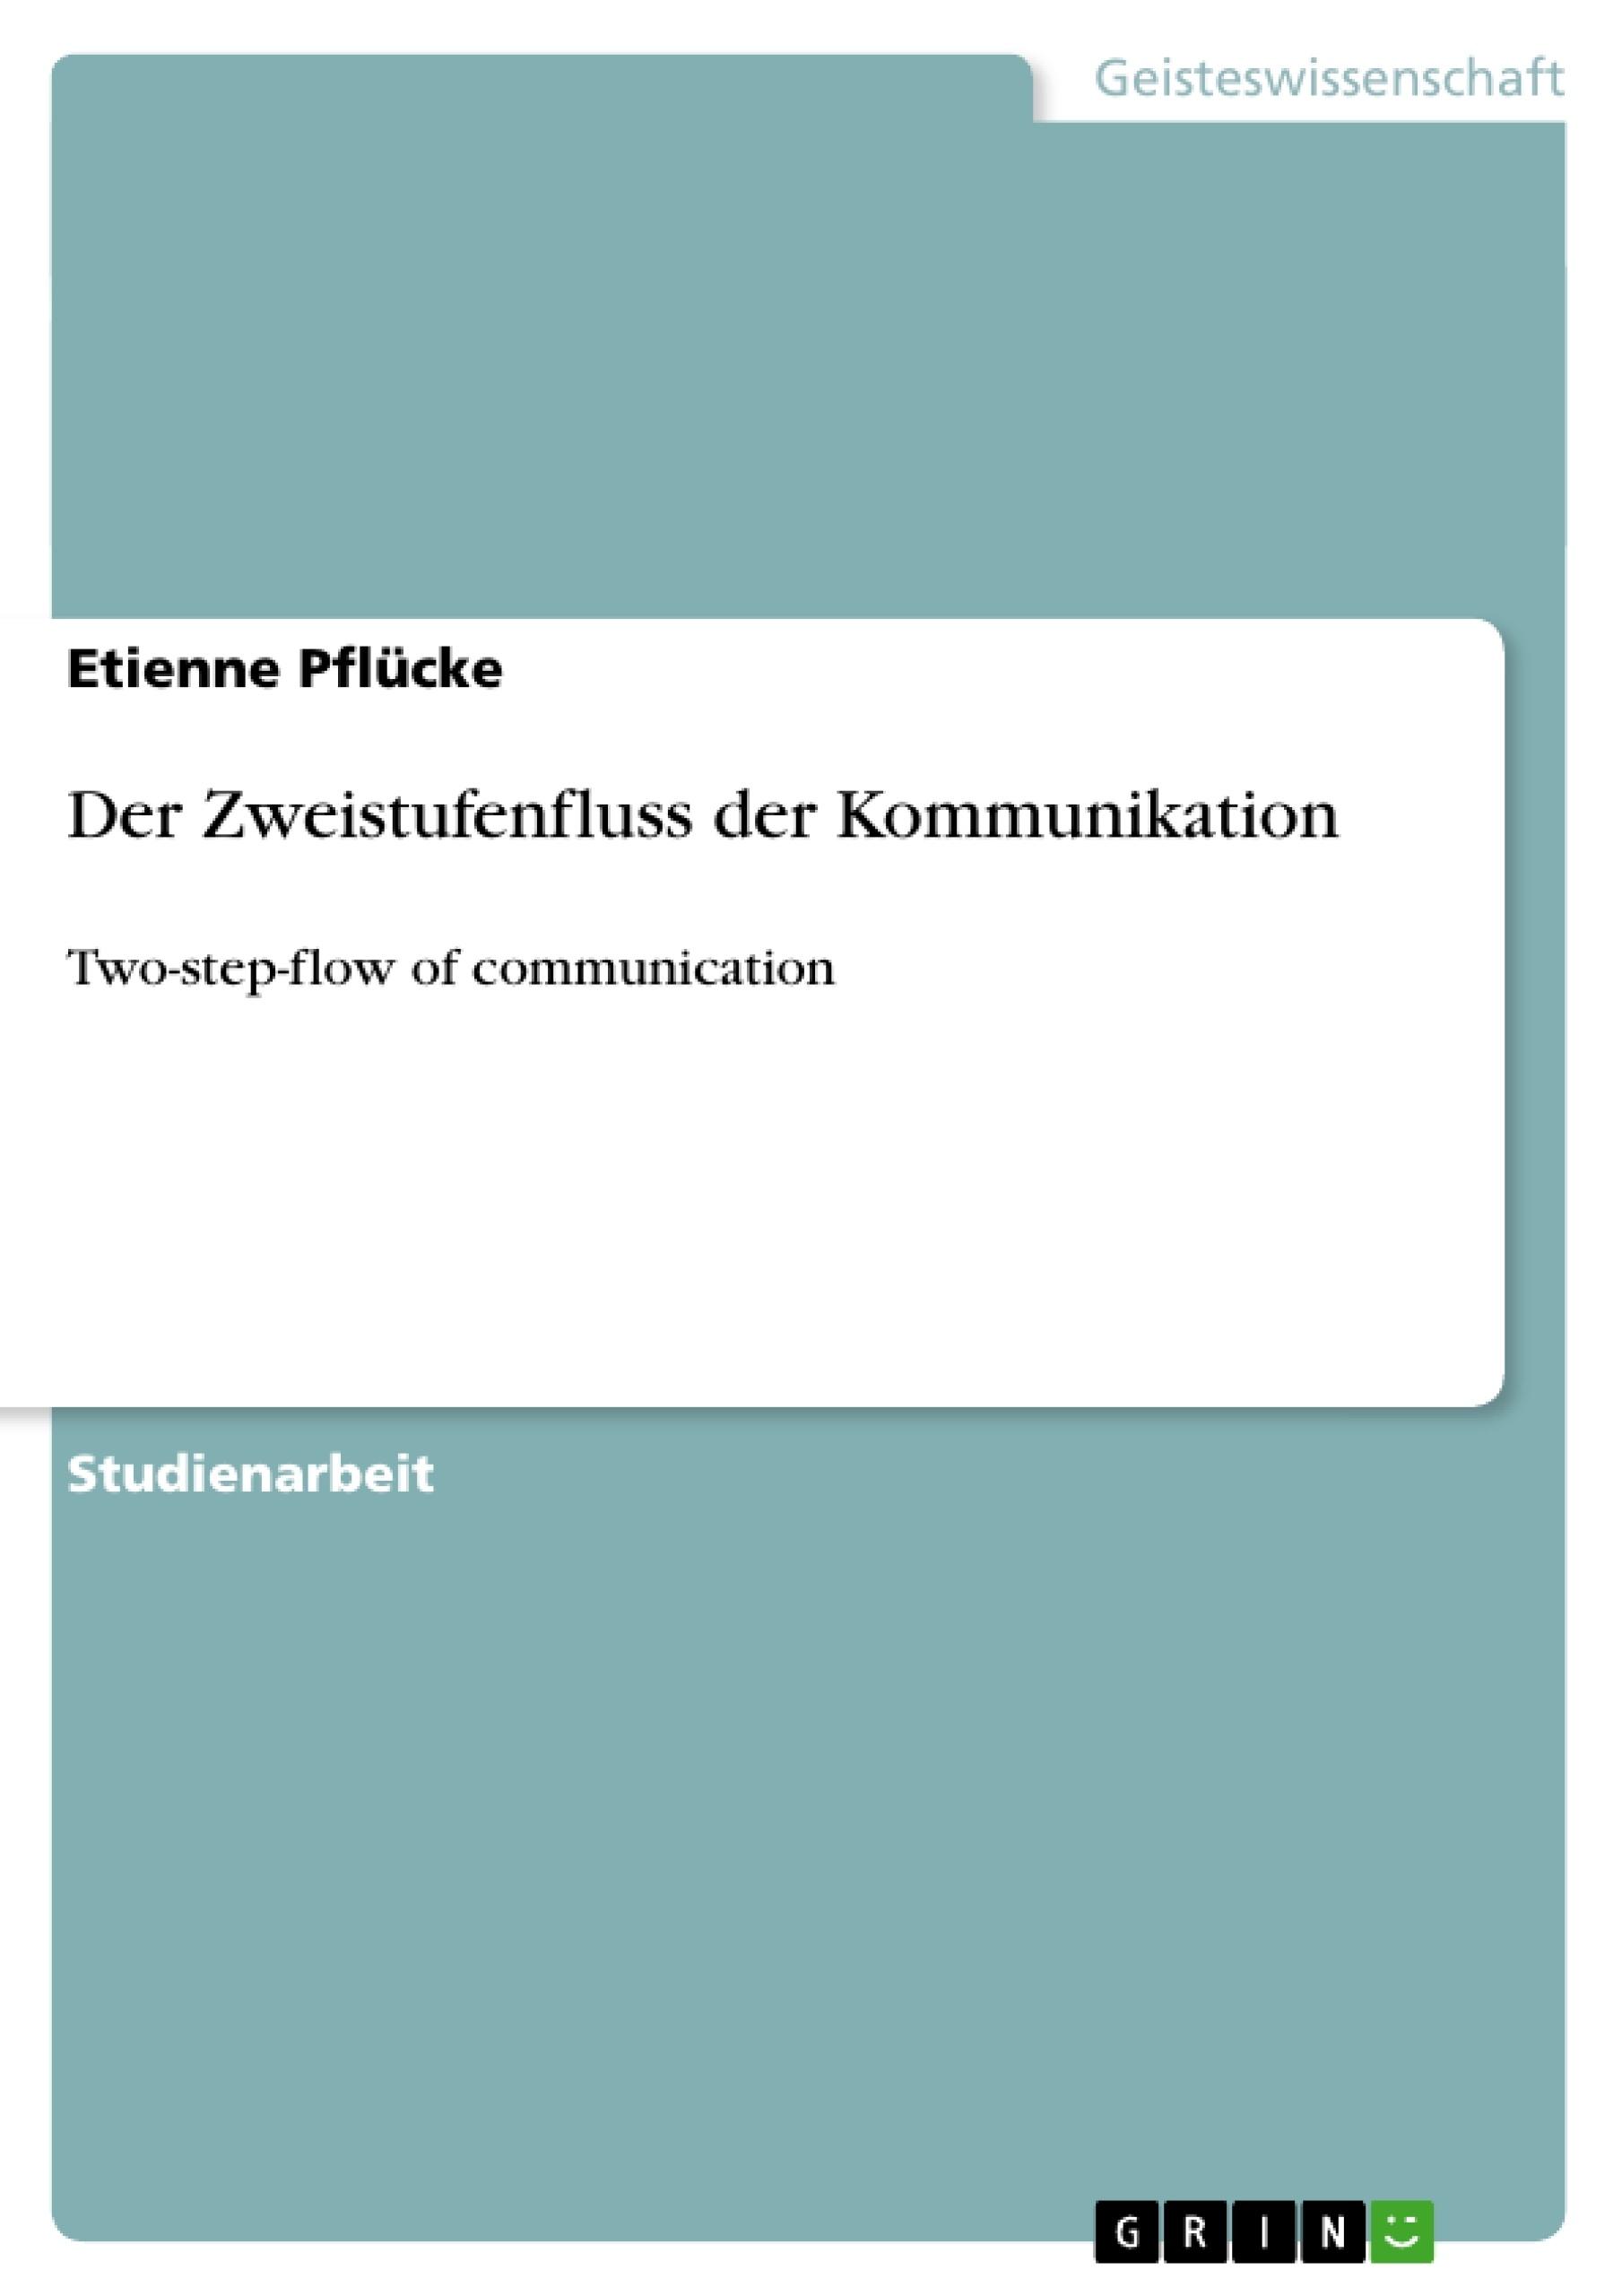 Titel: Der Zweistufenfluss der Kommunikation